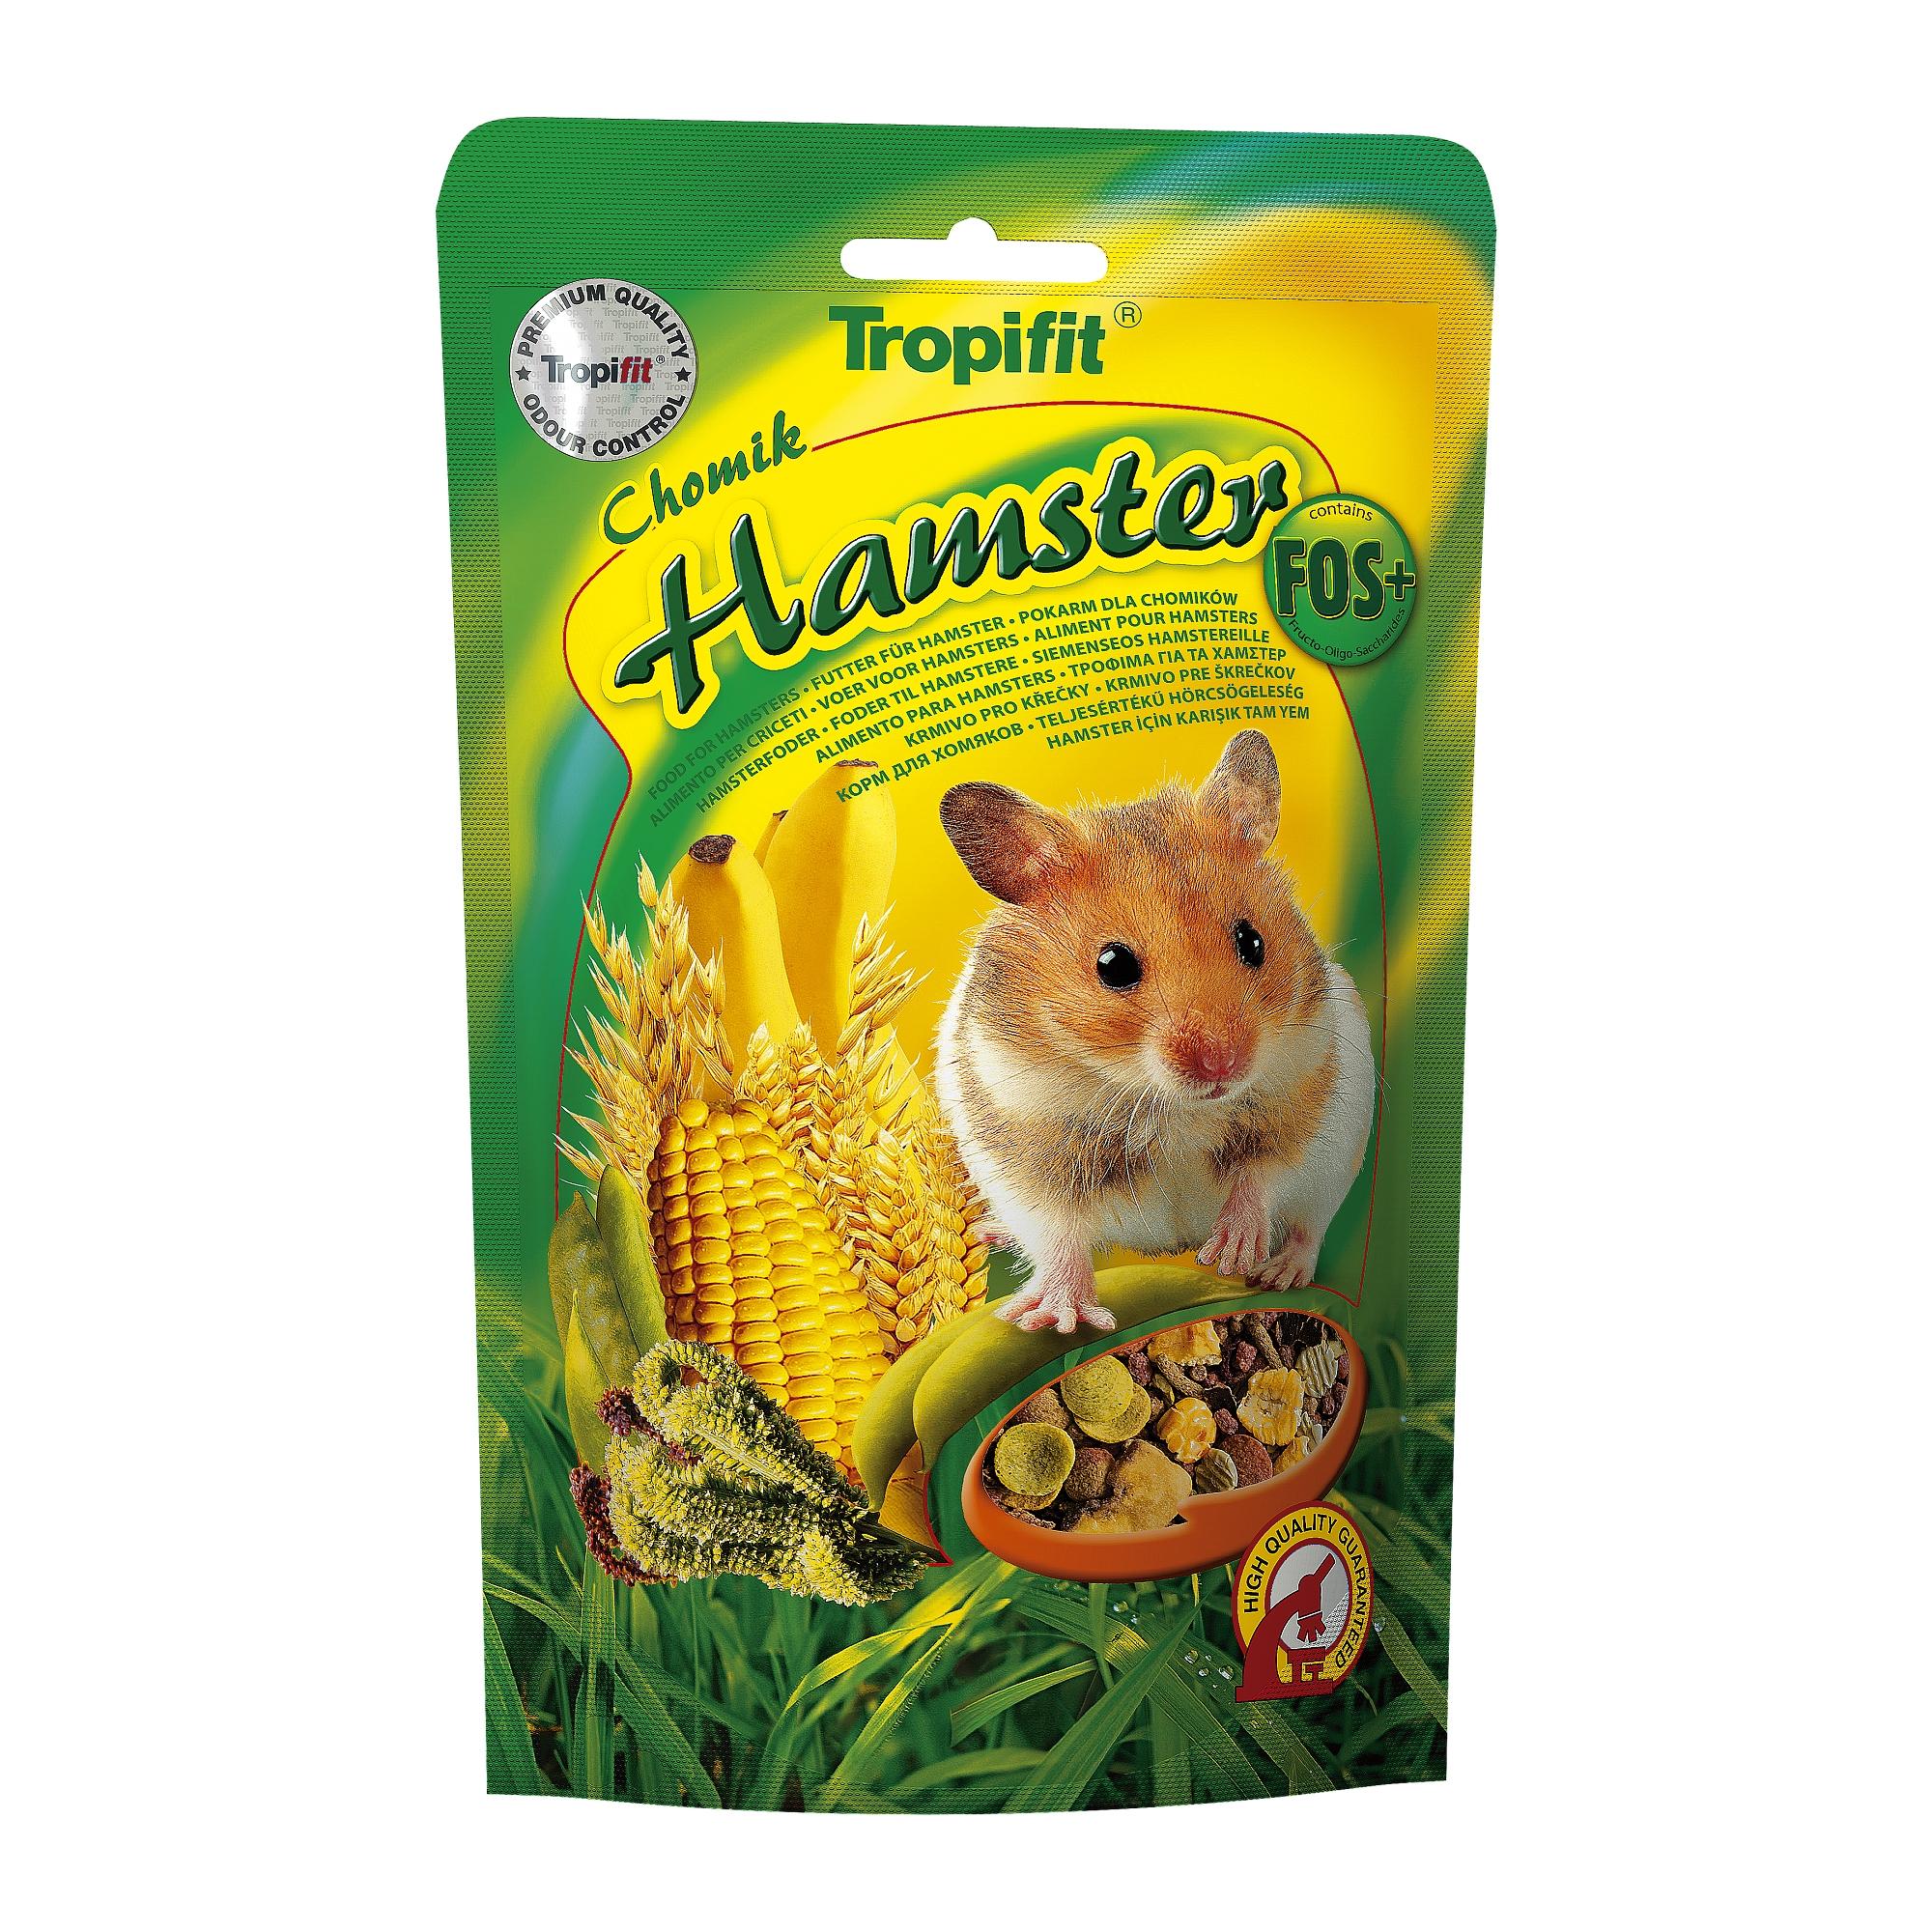 Tropifit Hamster - 500g